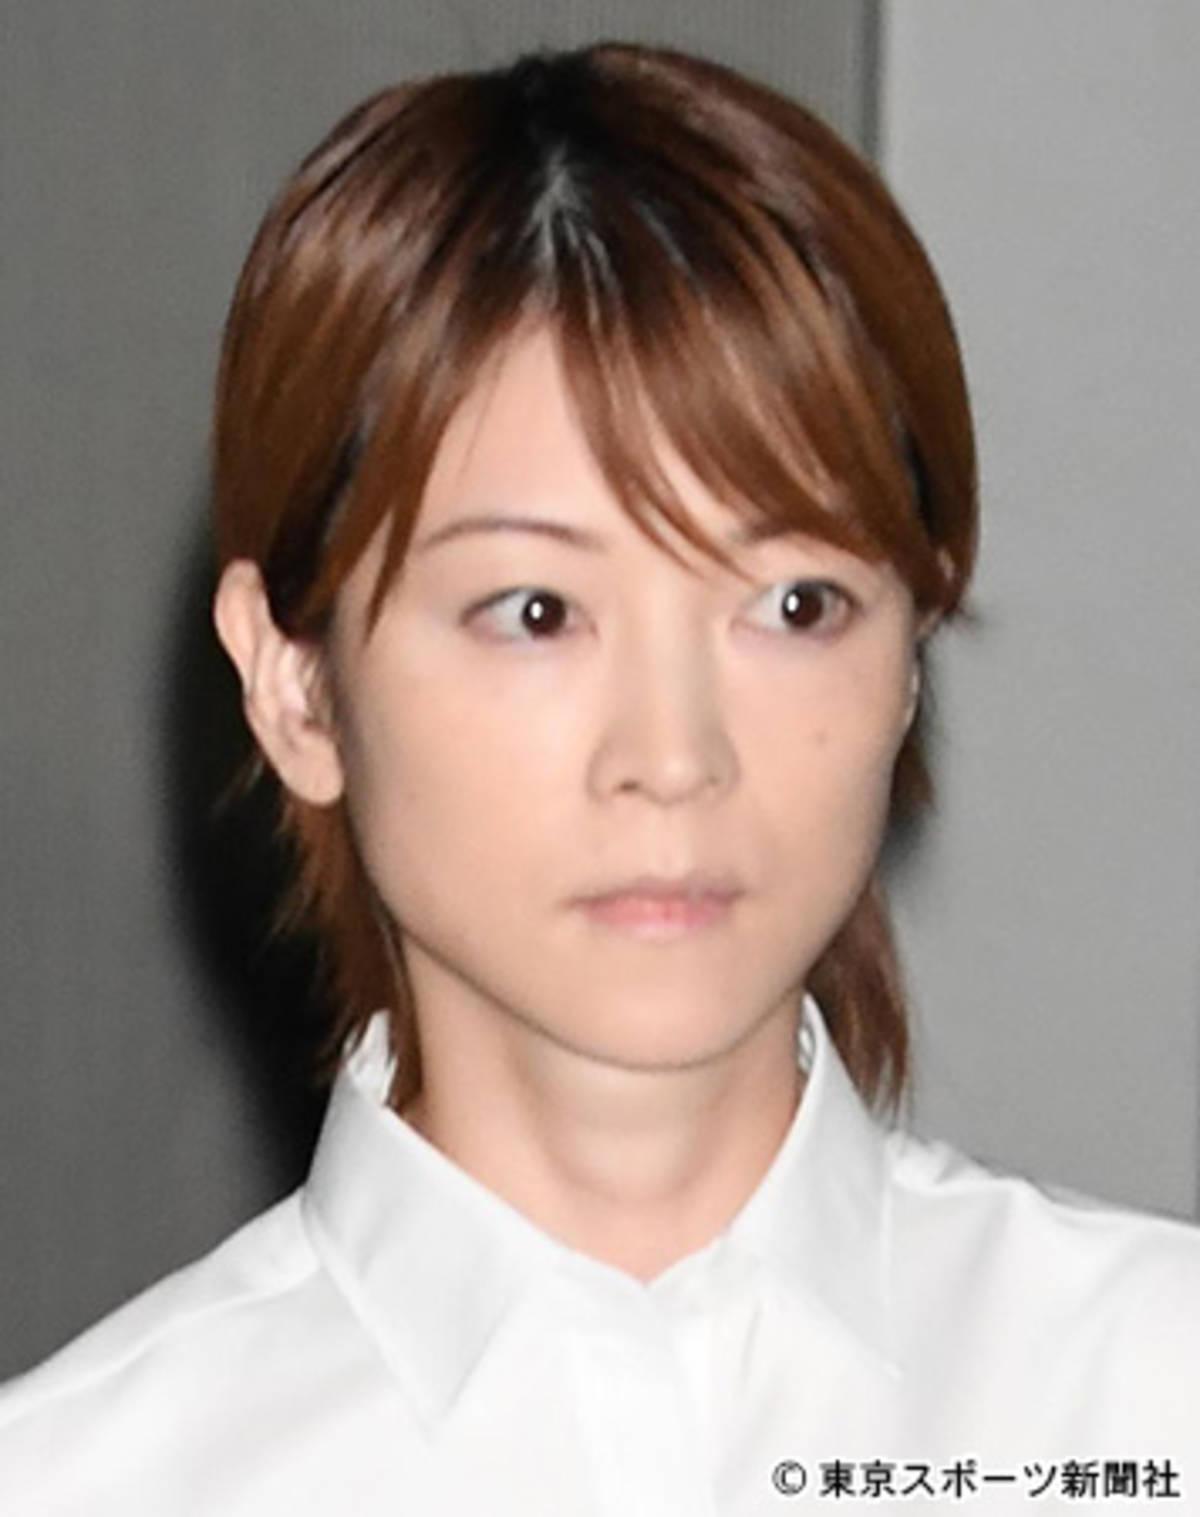 吉澤ひとみ被告に有罪判決 酒気帯び運転とひき逃げの罪